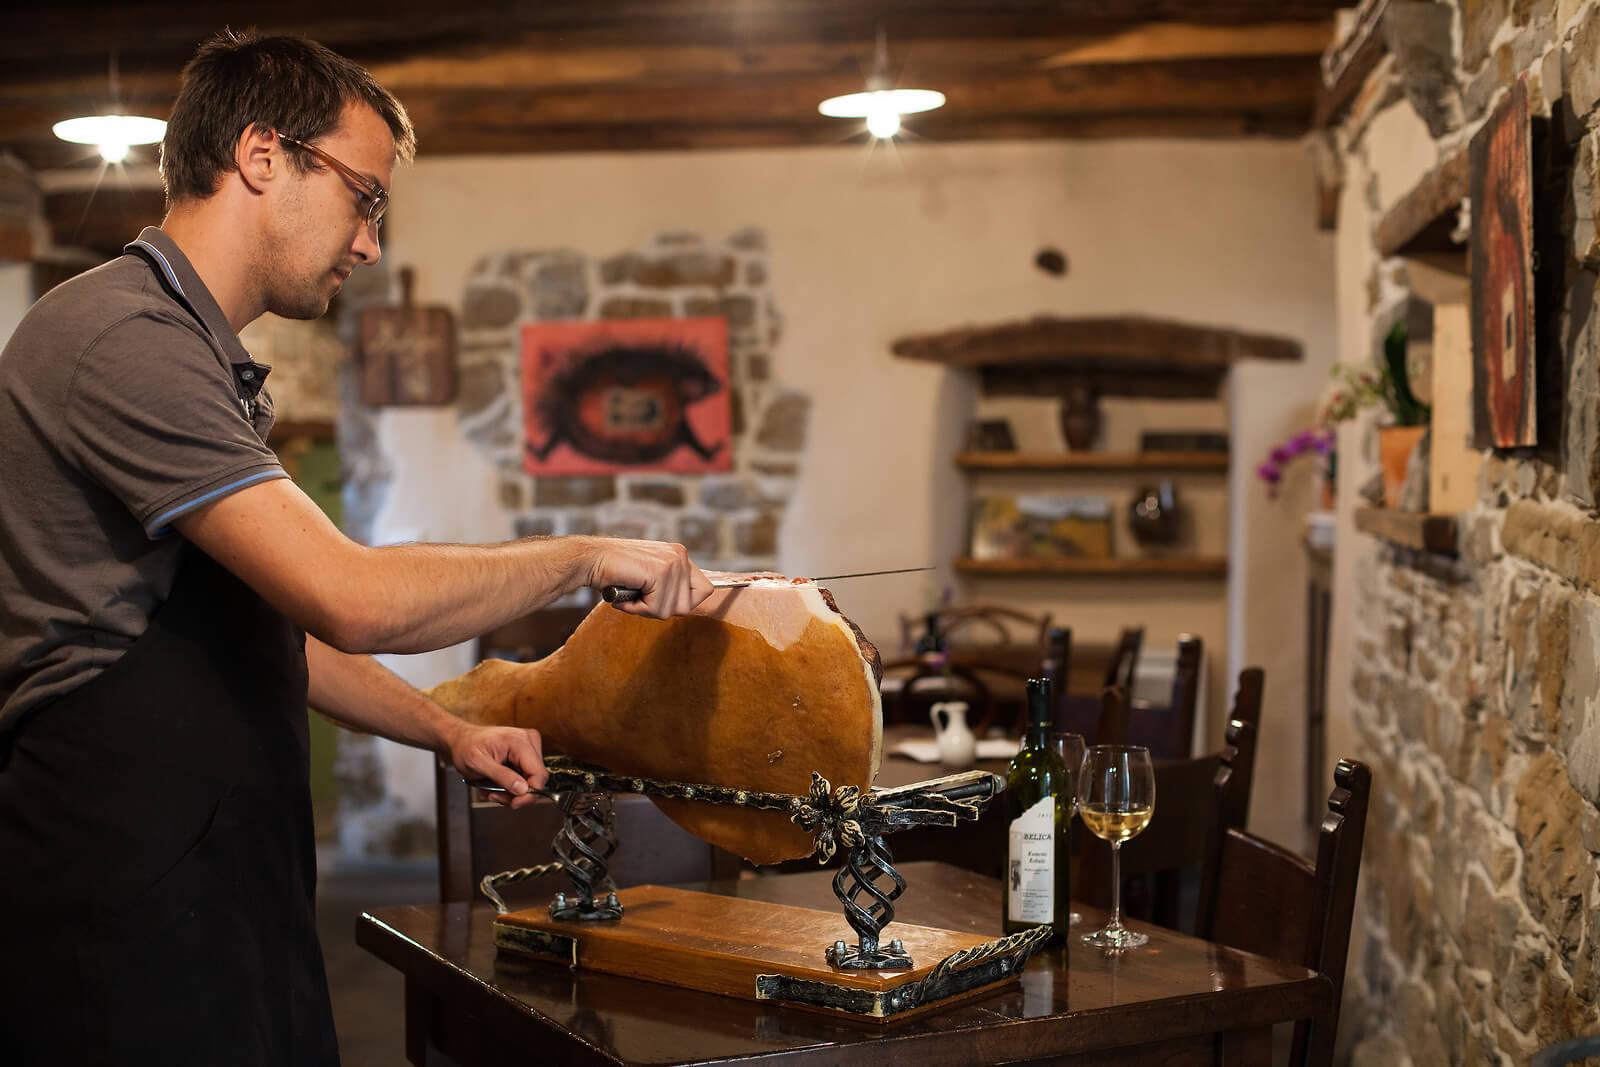 wine-region-prosciutto-tasting-slovenia